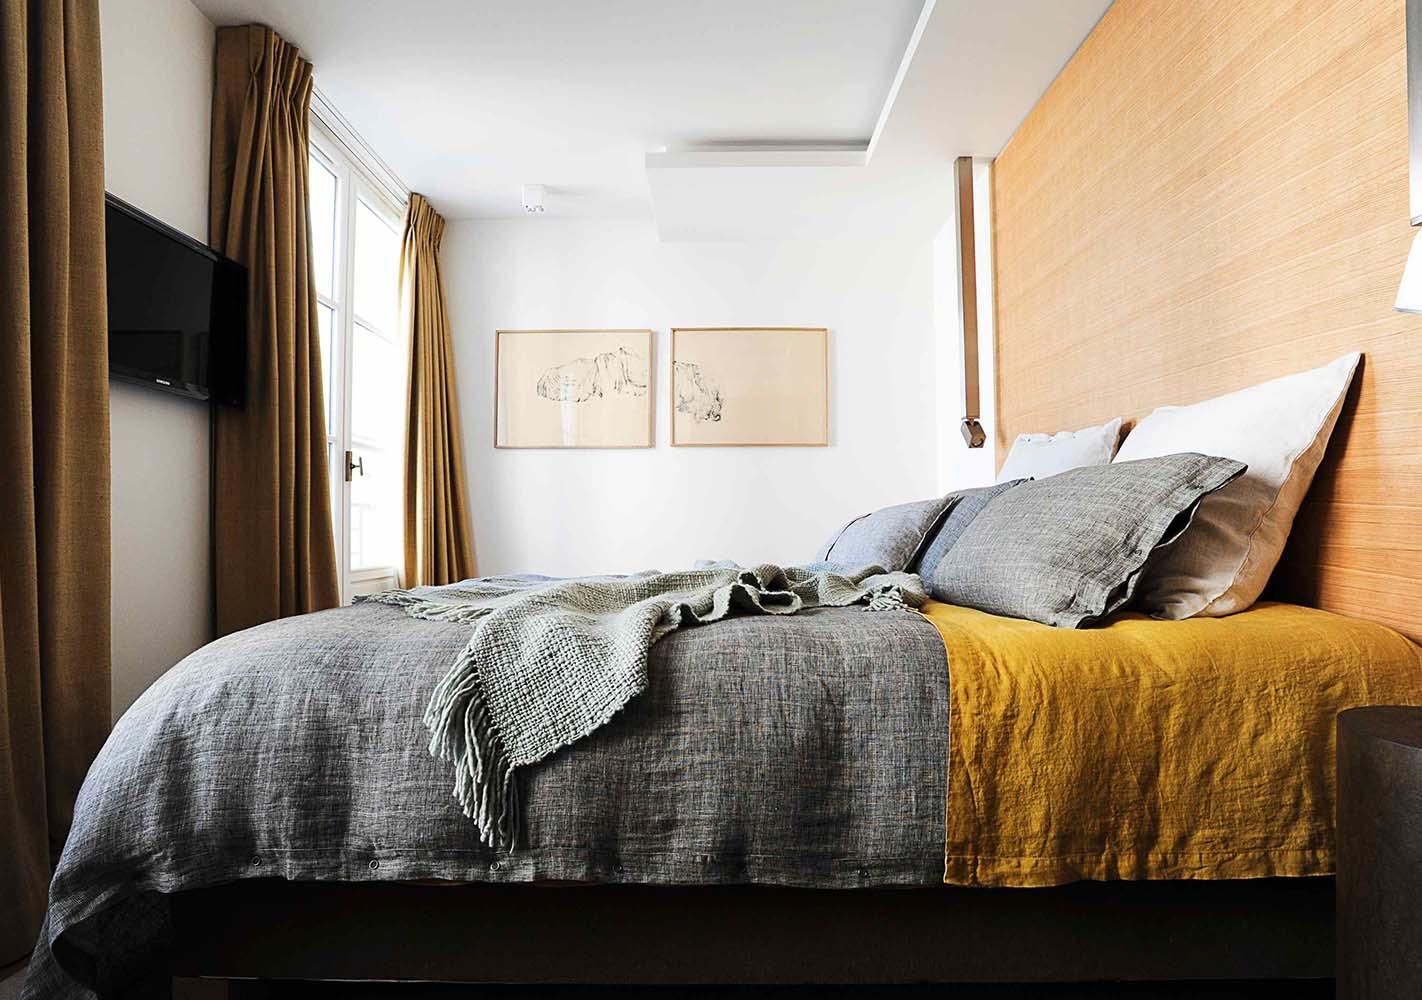 housse de couette 240x220 lin acier by lissoy. Black Bedroom Furniture Sets. Home Design Ideas